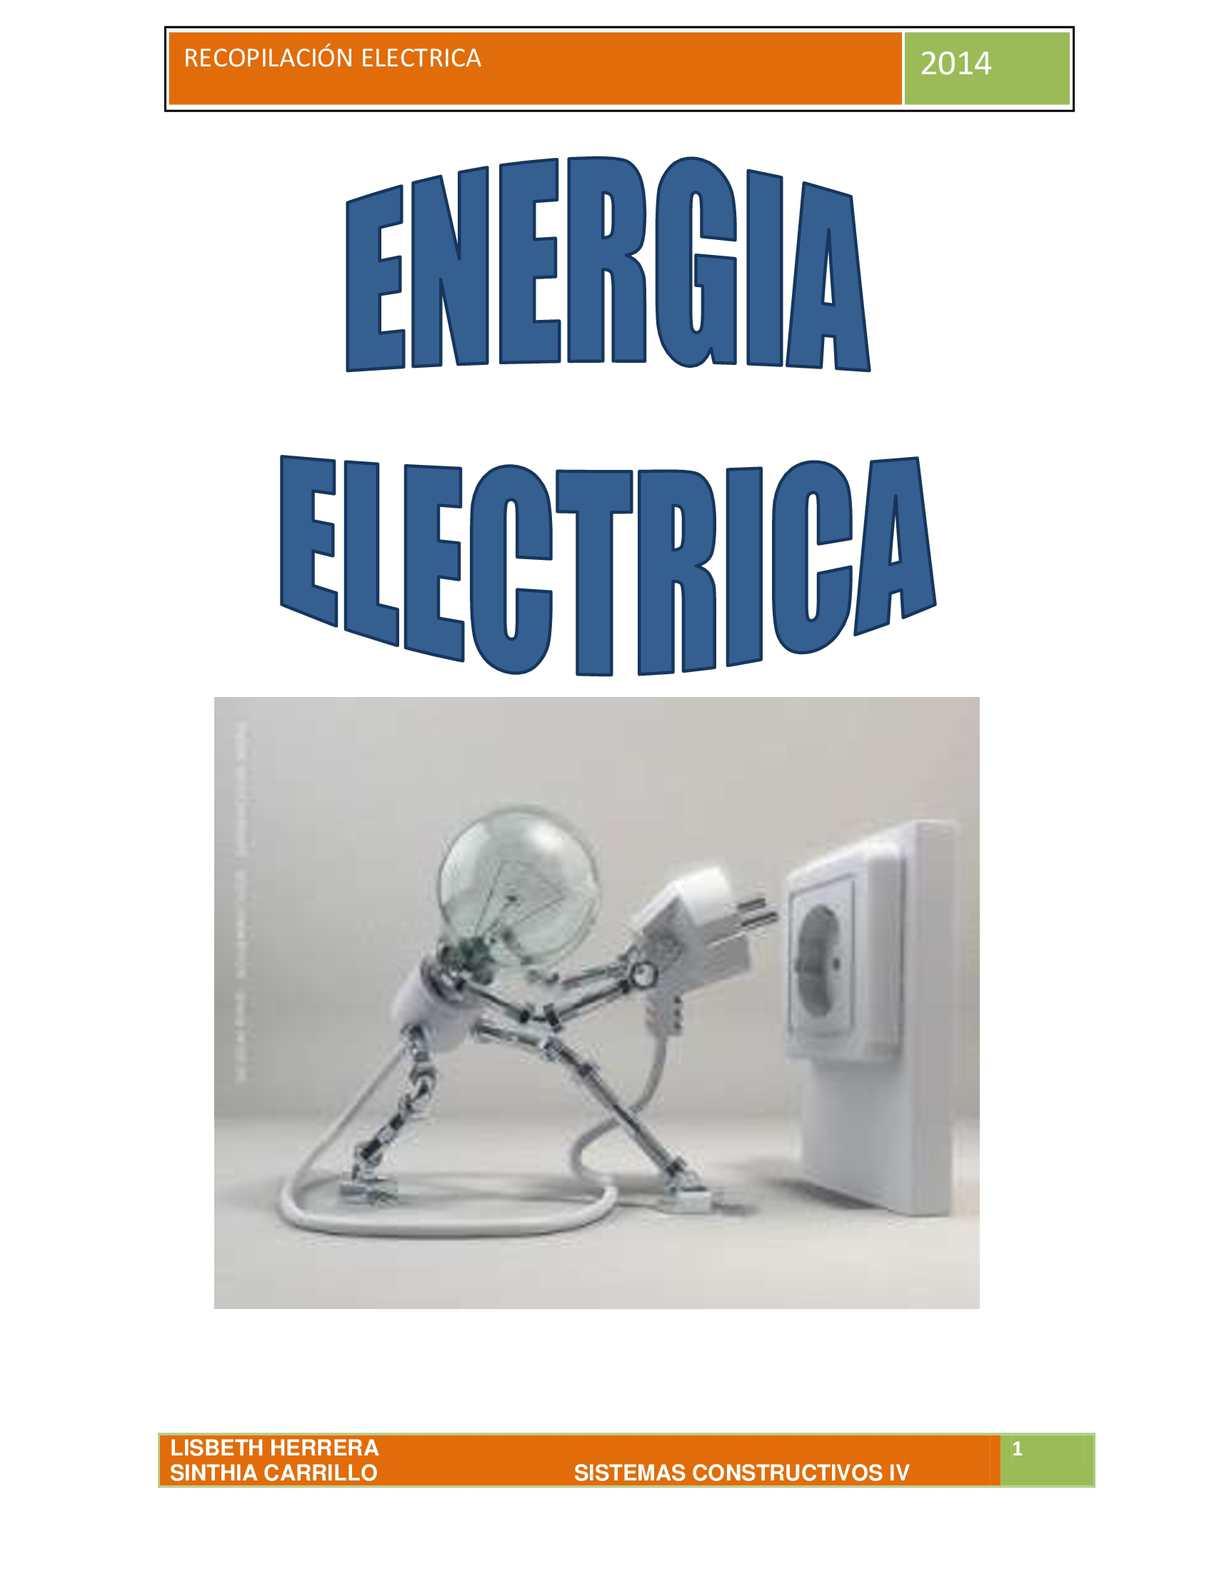 Circuito Que Recorre La Electricidad Desde Su Generación Hasta Su Consumo : Calaméo libro de electricidad